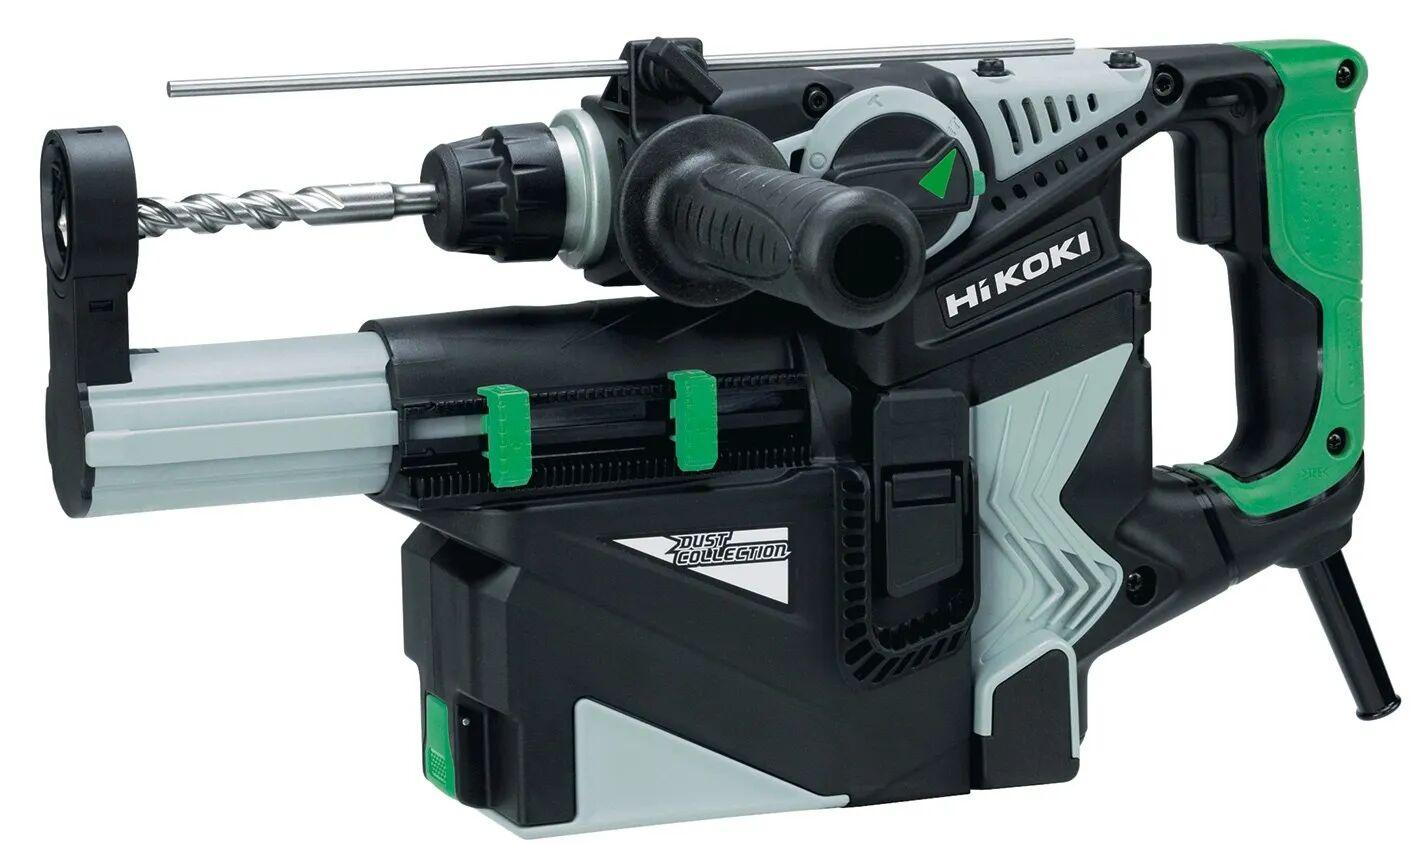 Hikoki Perforateur 28 mm SDS + 720 W - 3,5 Joules - 4,3 KgAspiration des poussières